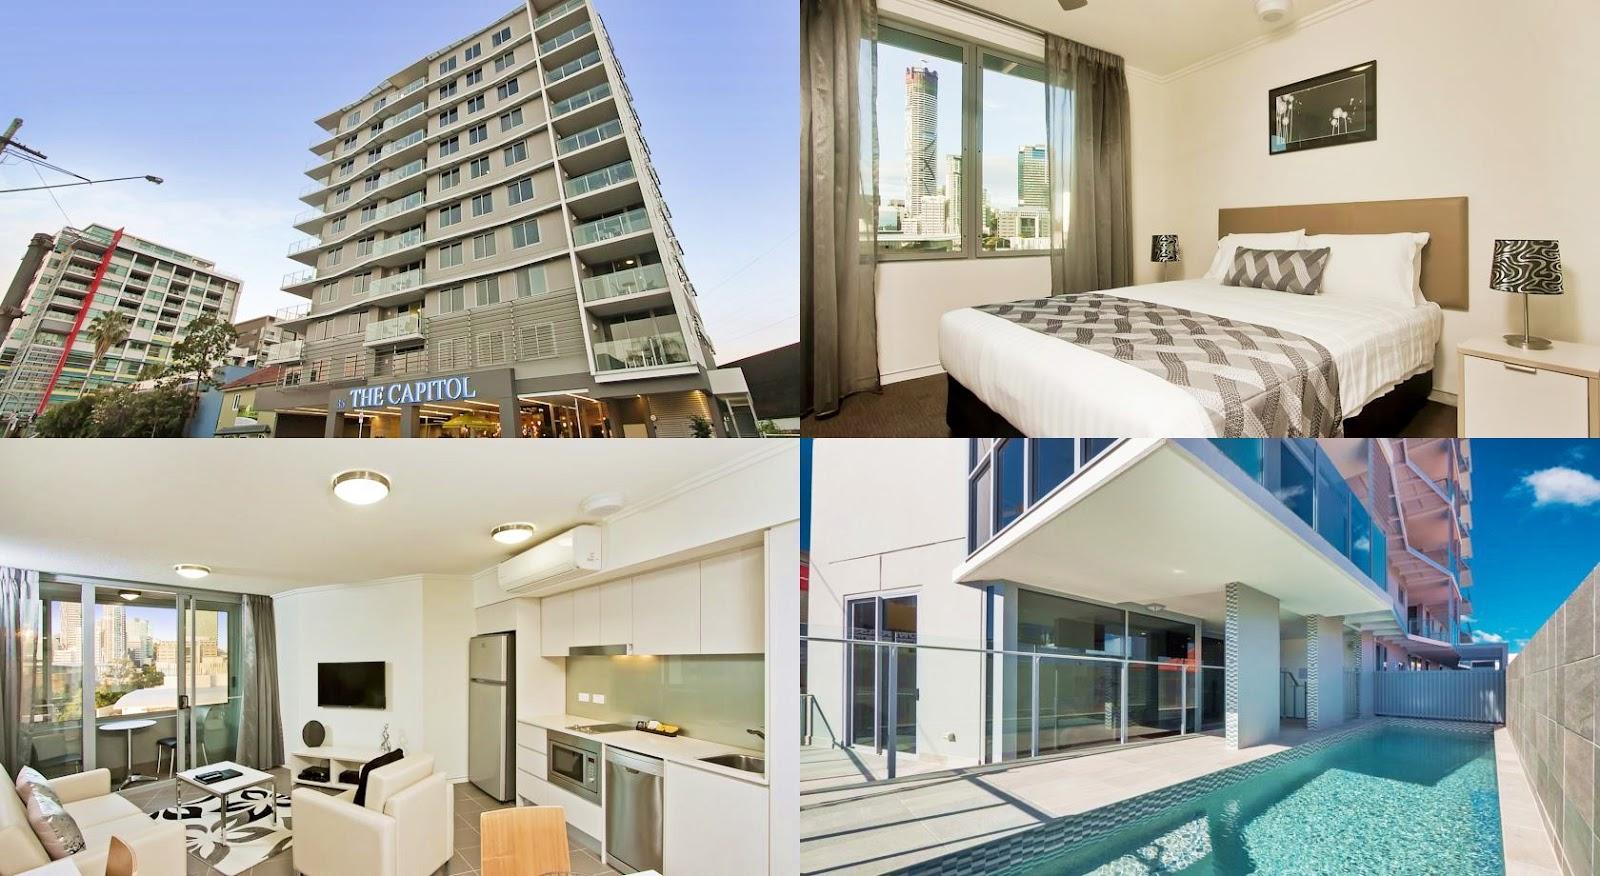 布里斯本-住宿-推薦-布里斯本飯店-布里斯本酒店-布里斯本民宿-布里斯本旅館-澳洲-Brisbane-hotel-apartment-recommendation-Australia